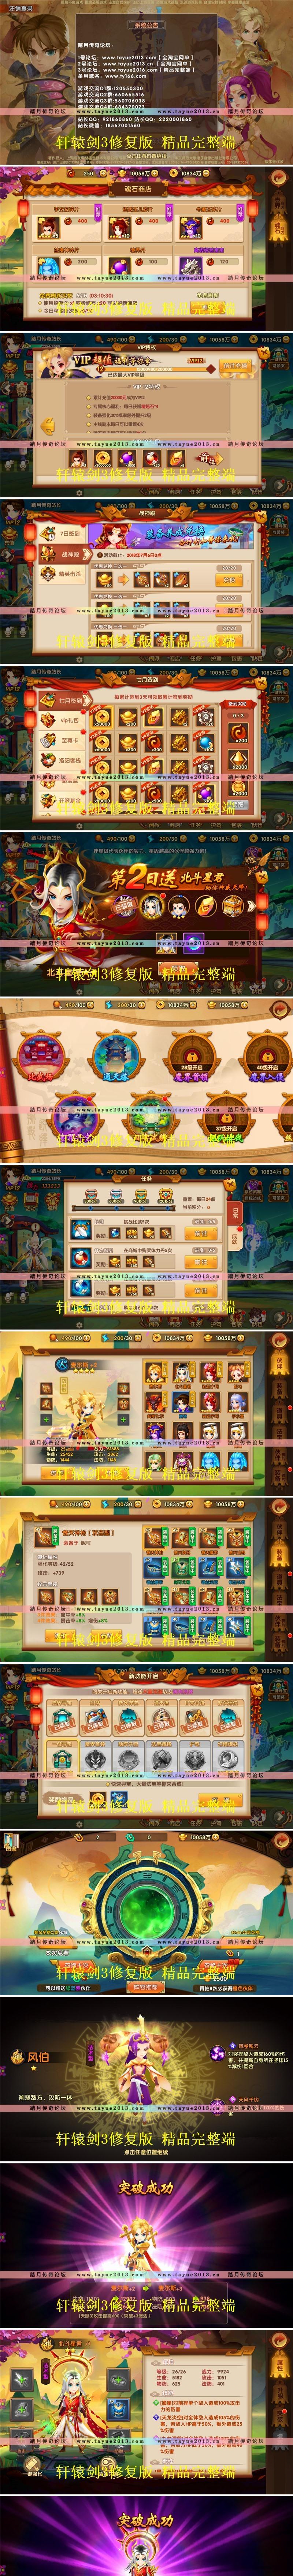 【踏月传奇】轩辕剑3网游单机版一键端 VIP12商城版网单